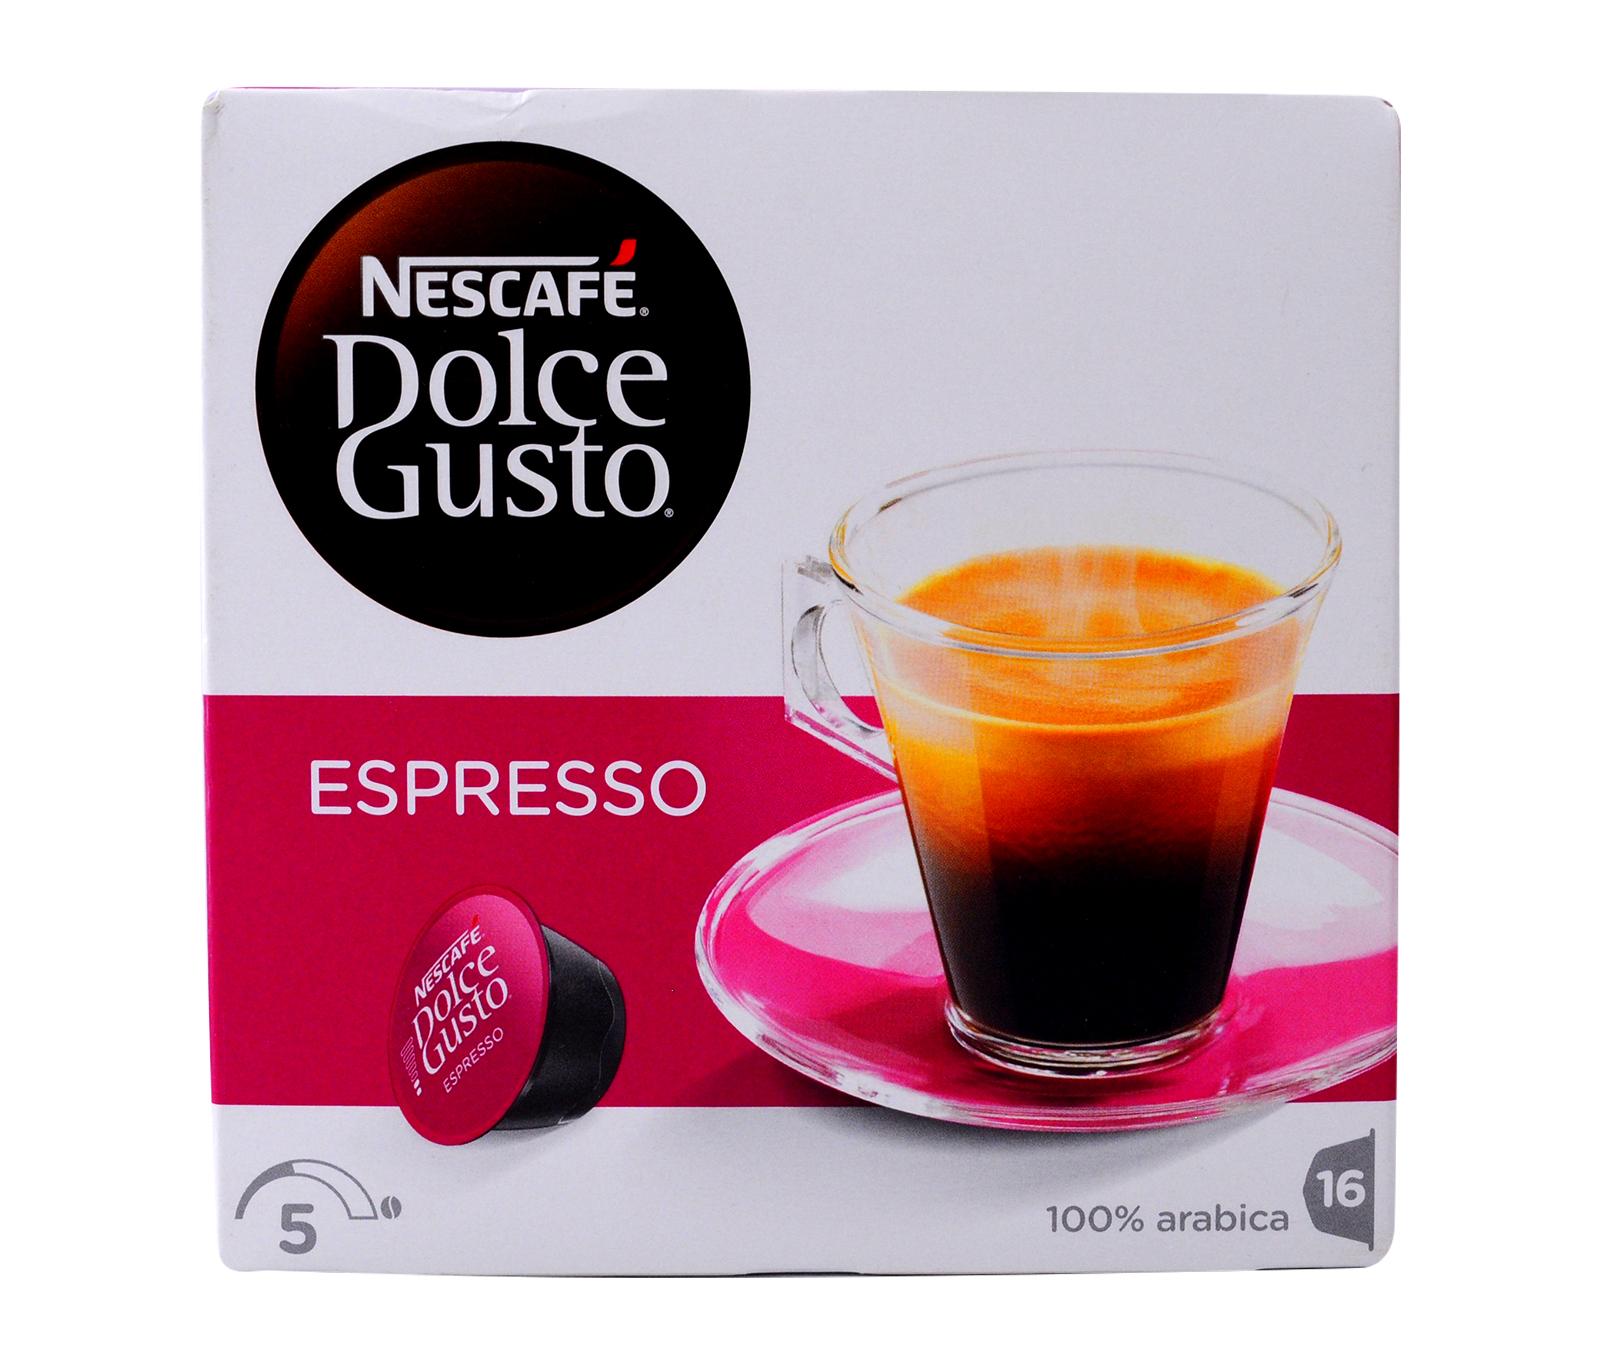 Nescafe Dolce Gusto Espresso 96g Capsules Filters